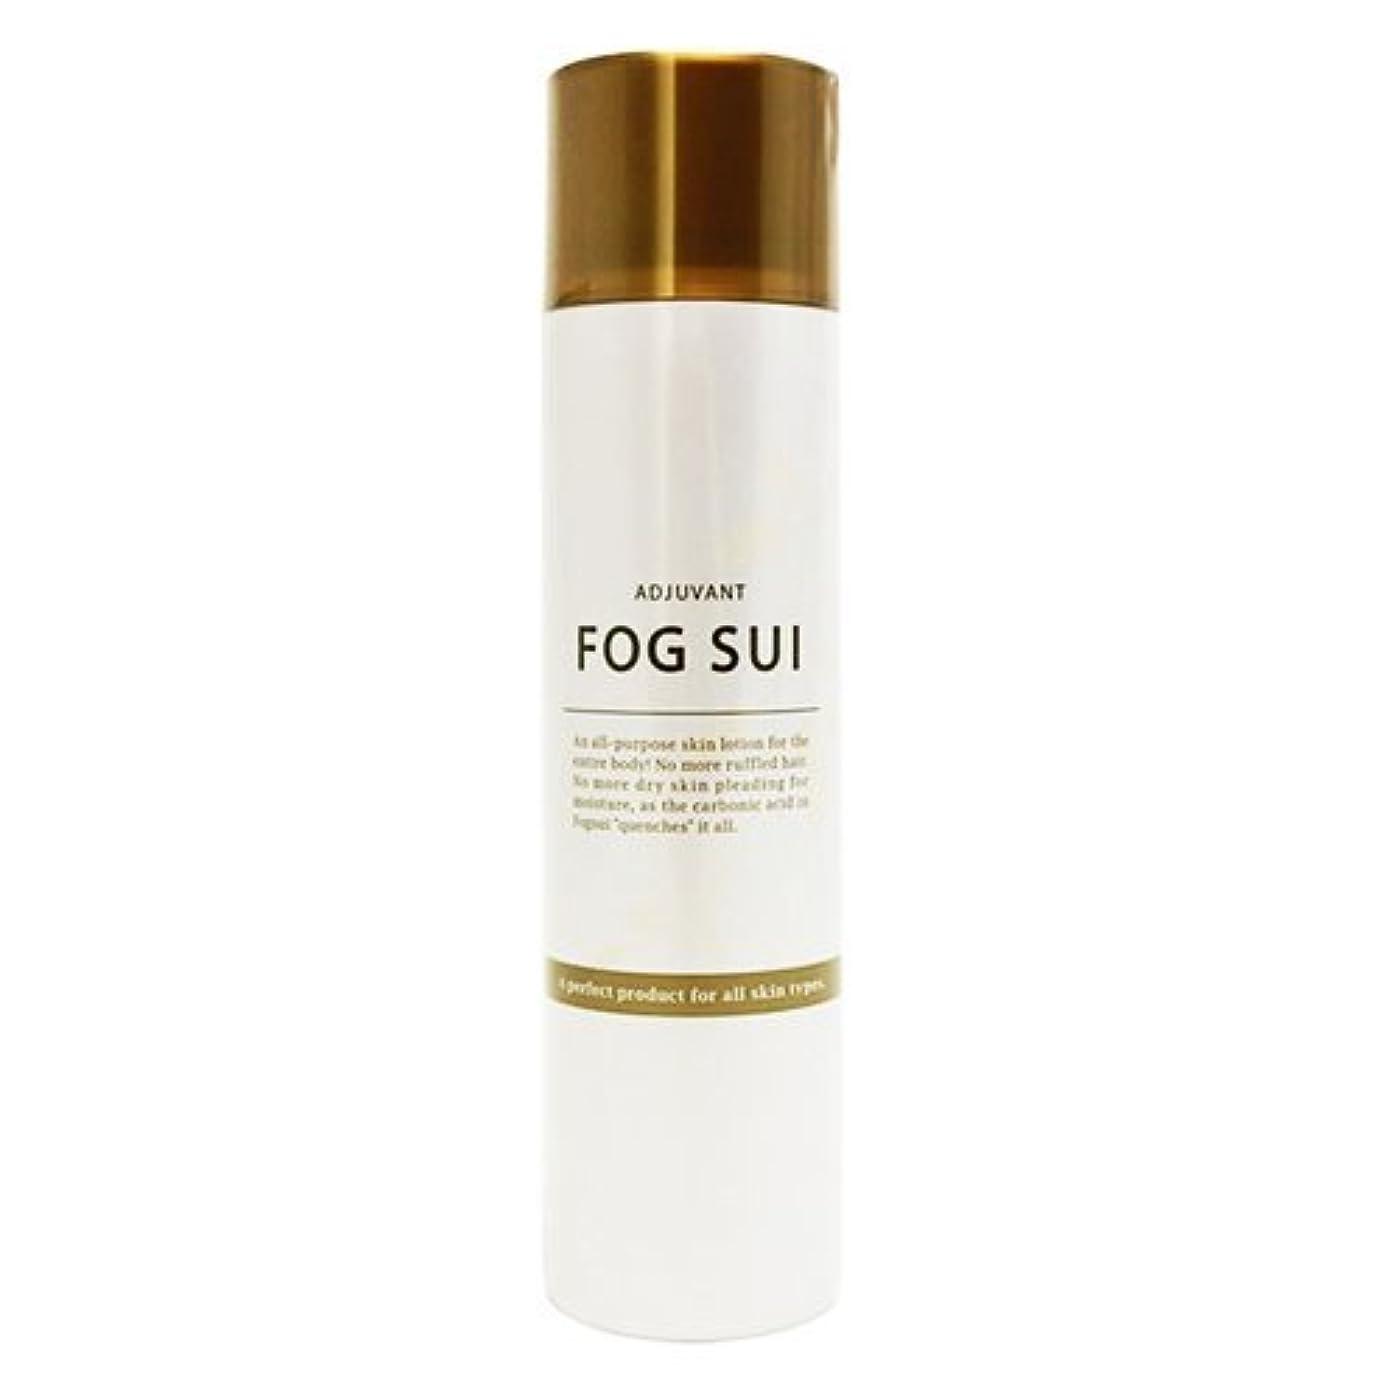 コスチュームキロメートルナットアジュバン フォグスイ 【全身用化粧水】 FOGSUI  120g